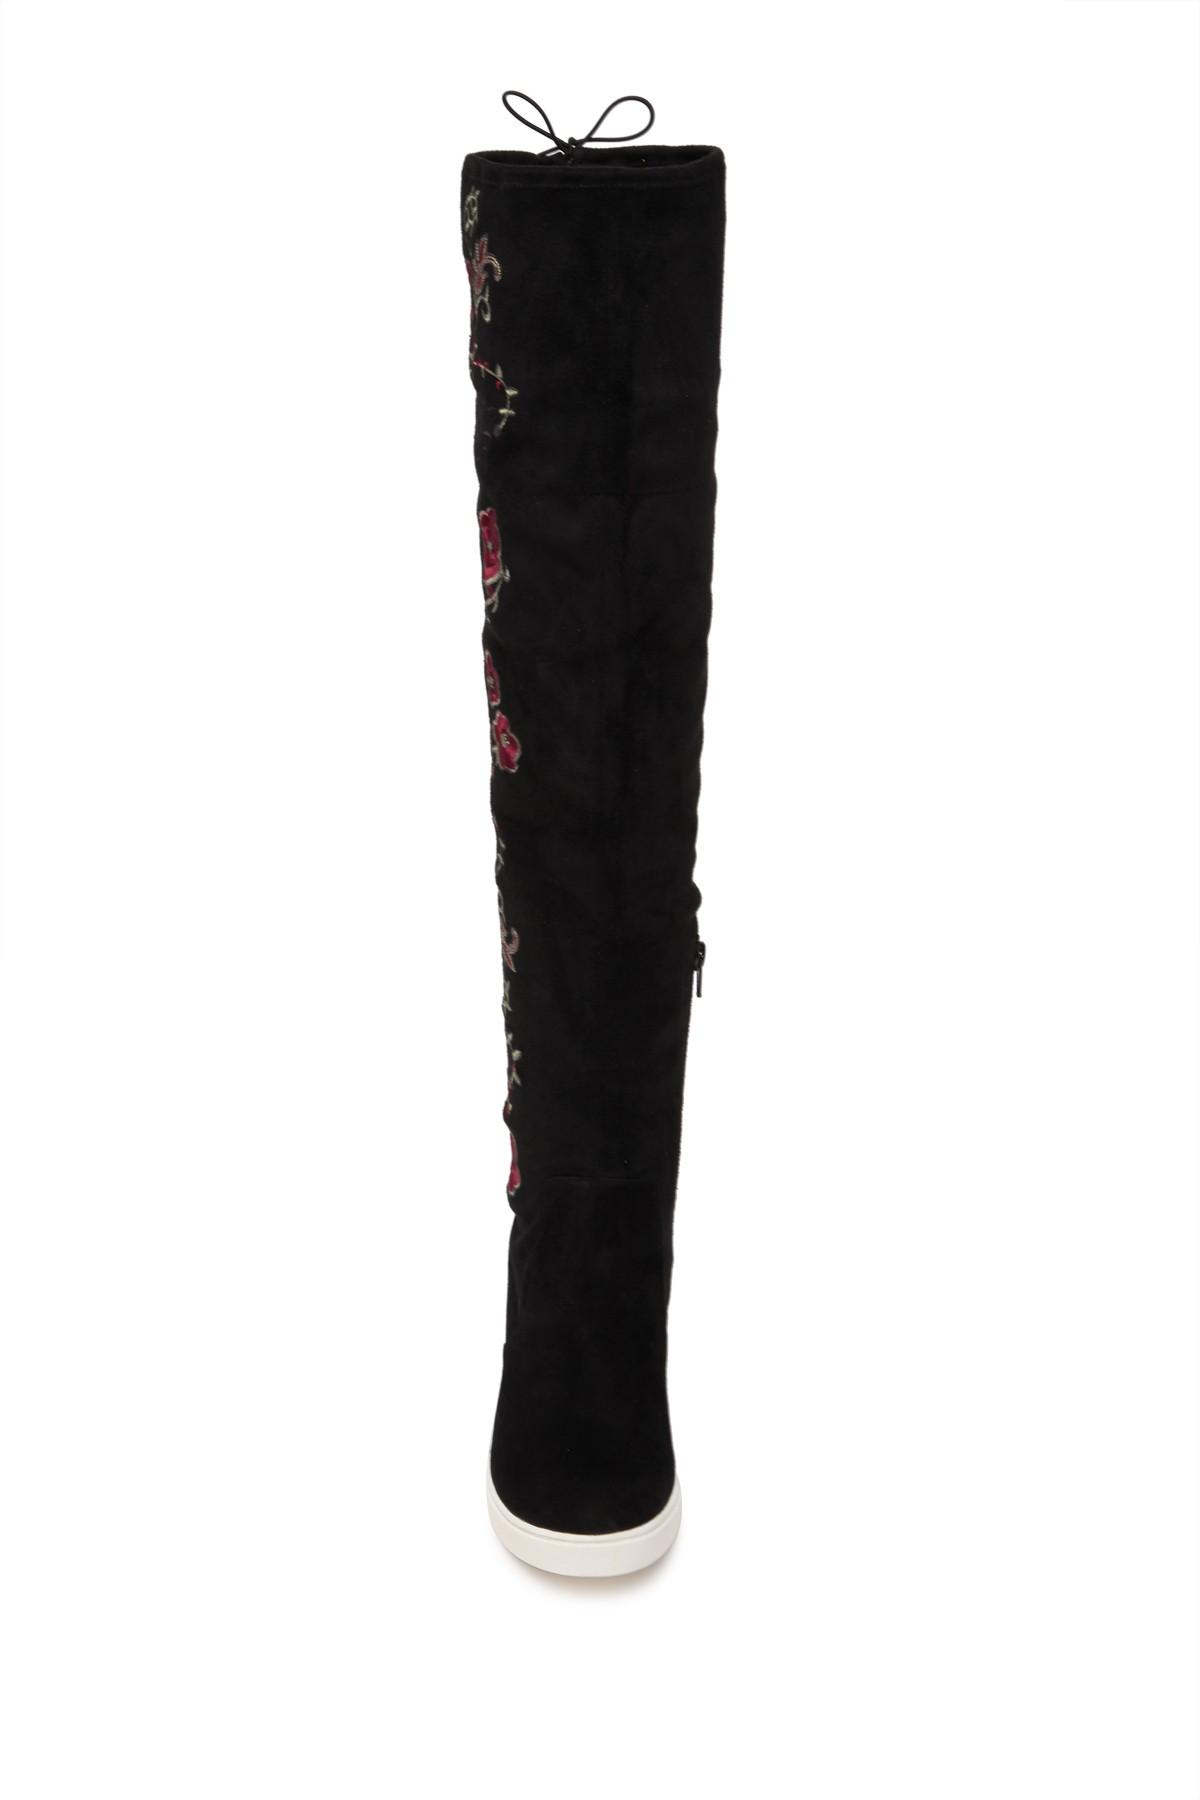 Thea Ботинок выше колена Linea Paolo